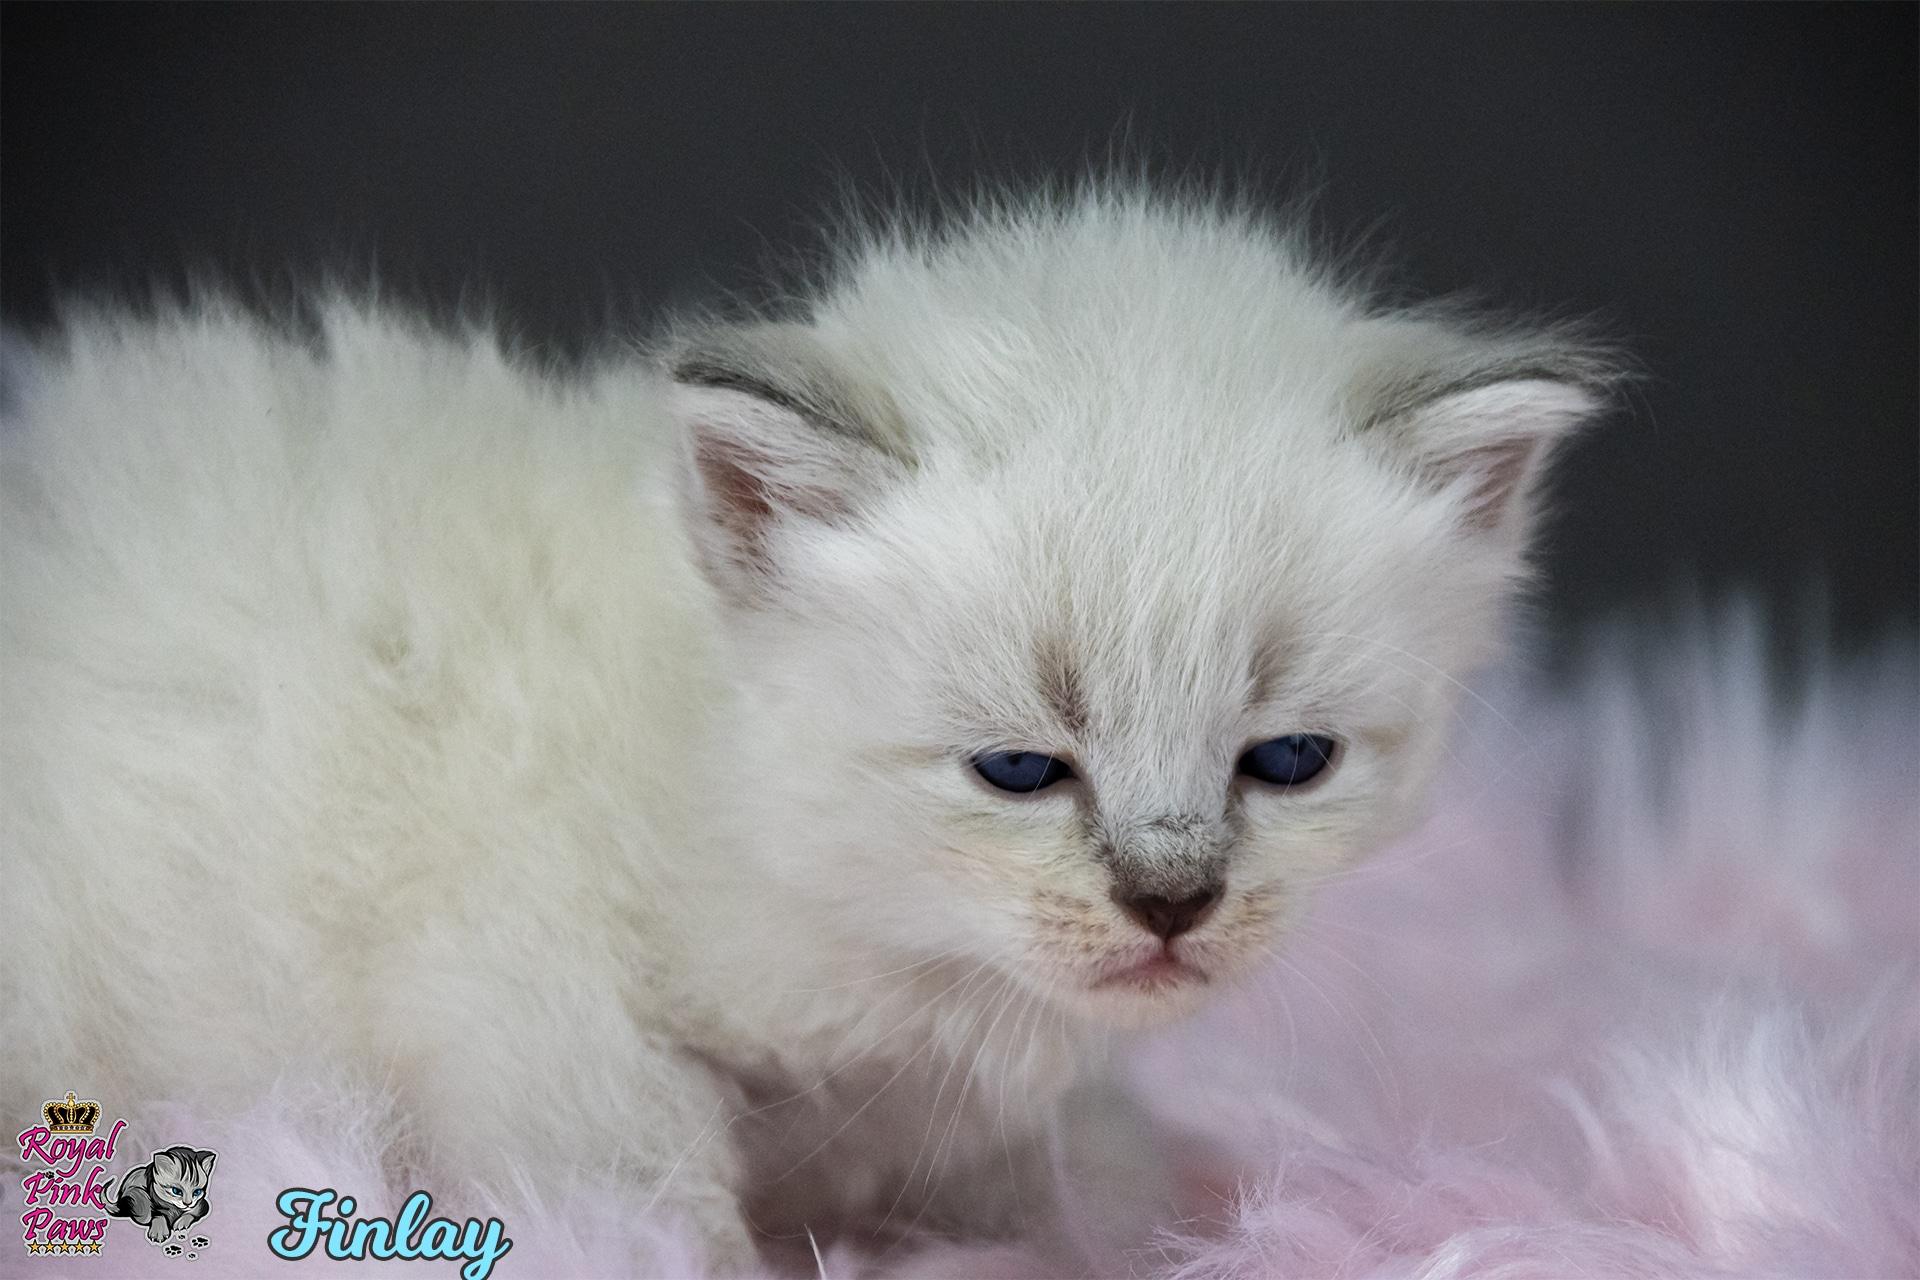 Neva Masquarade - Finlay Royal Pink Paws